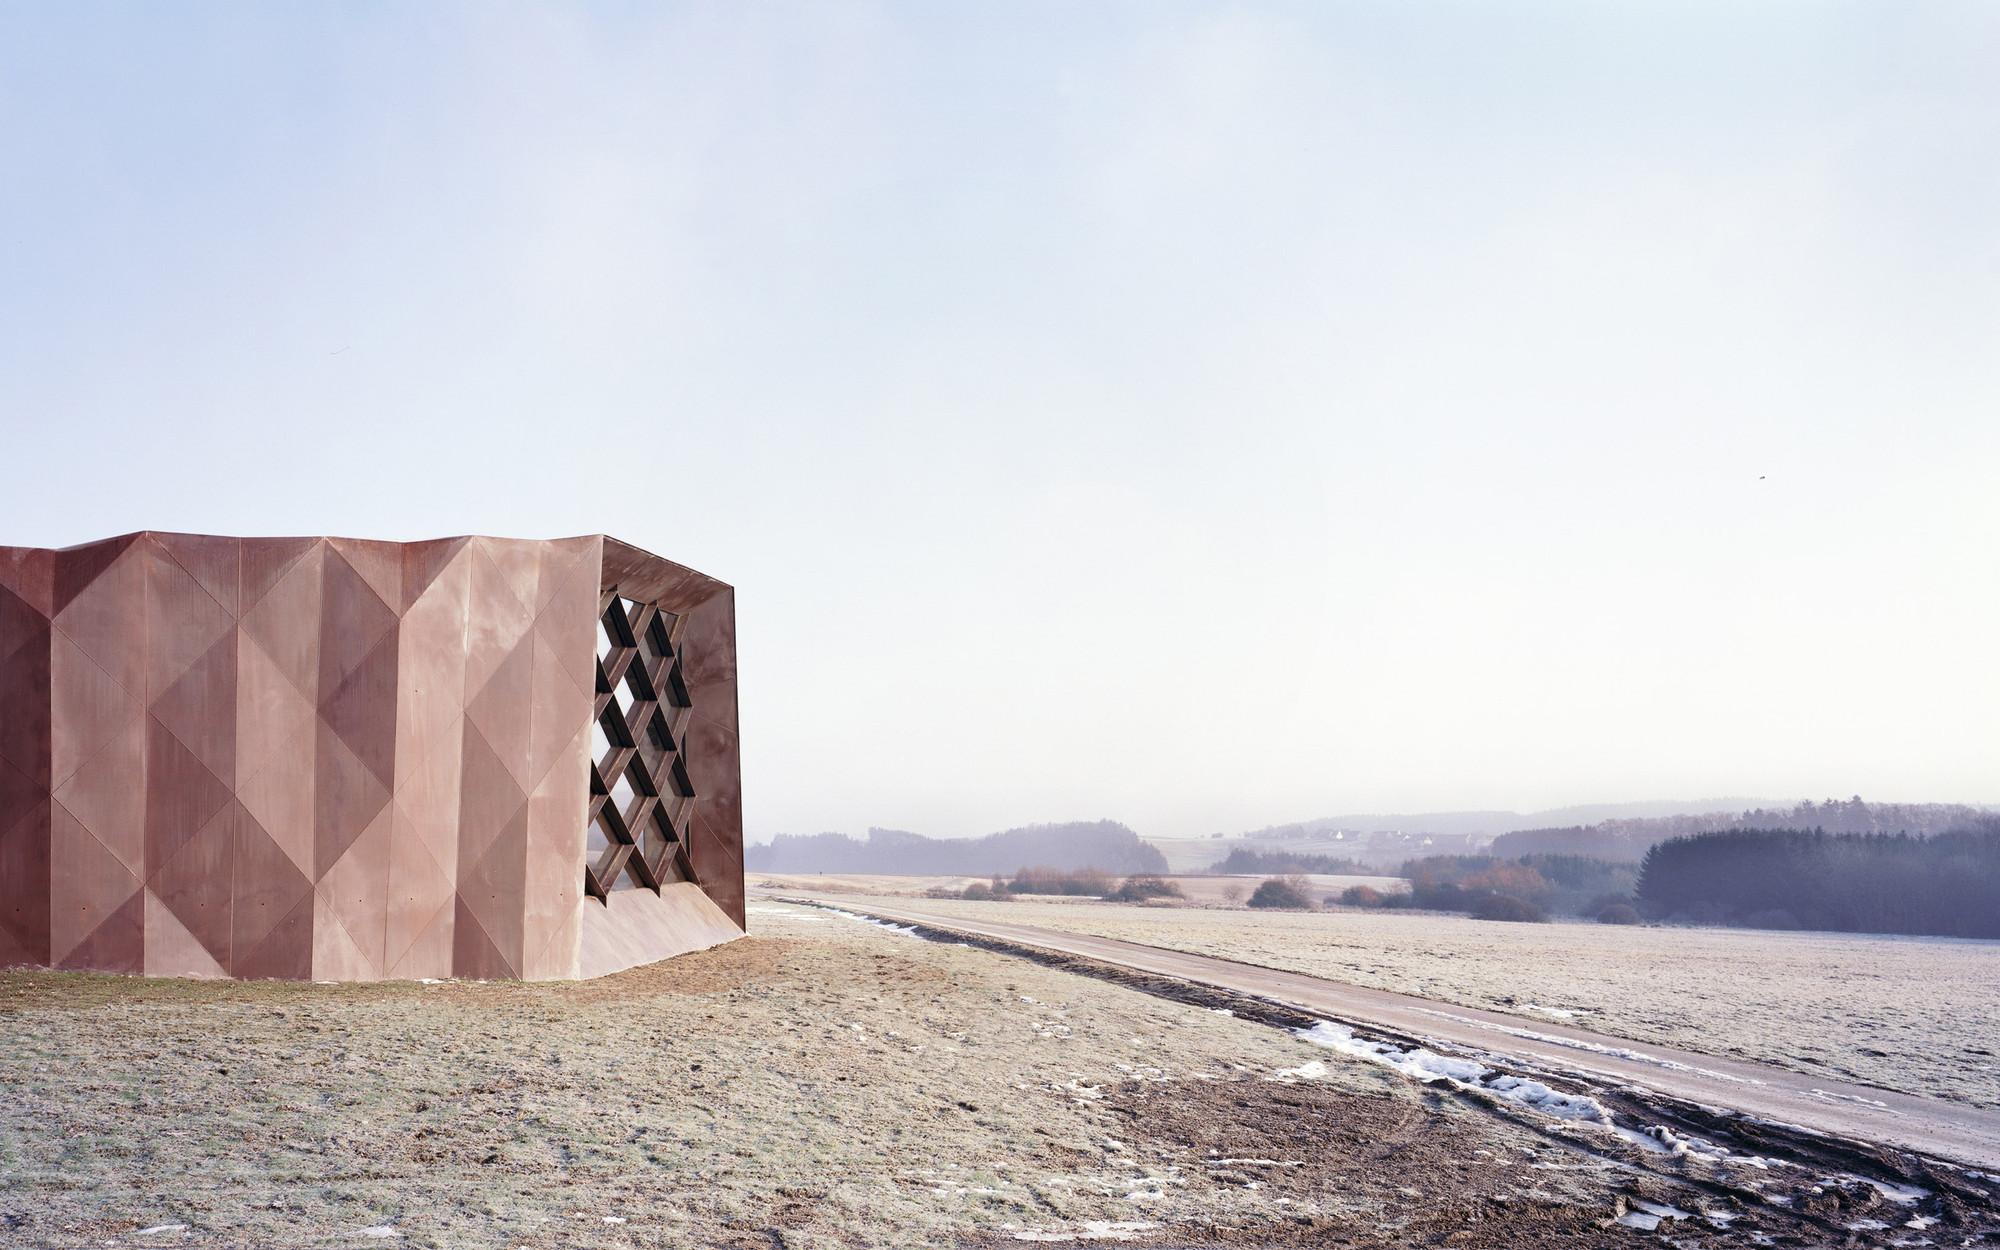 The Hinzert Museum and Document Center / Wandel Hoefer Lorch + Hirsch